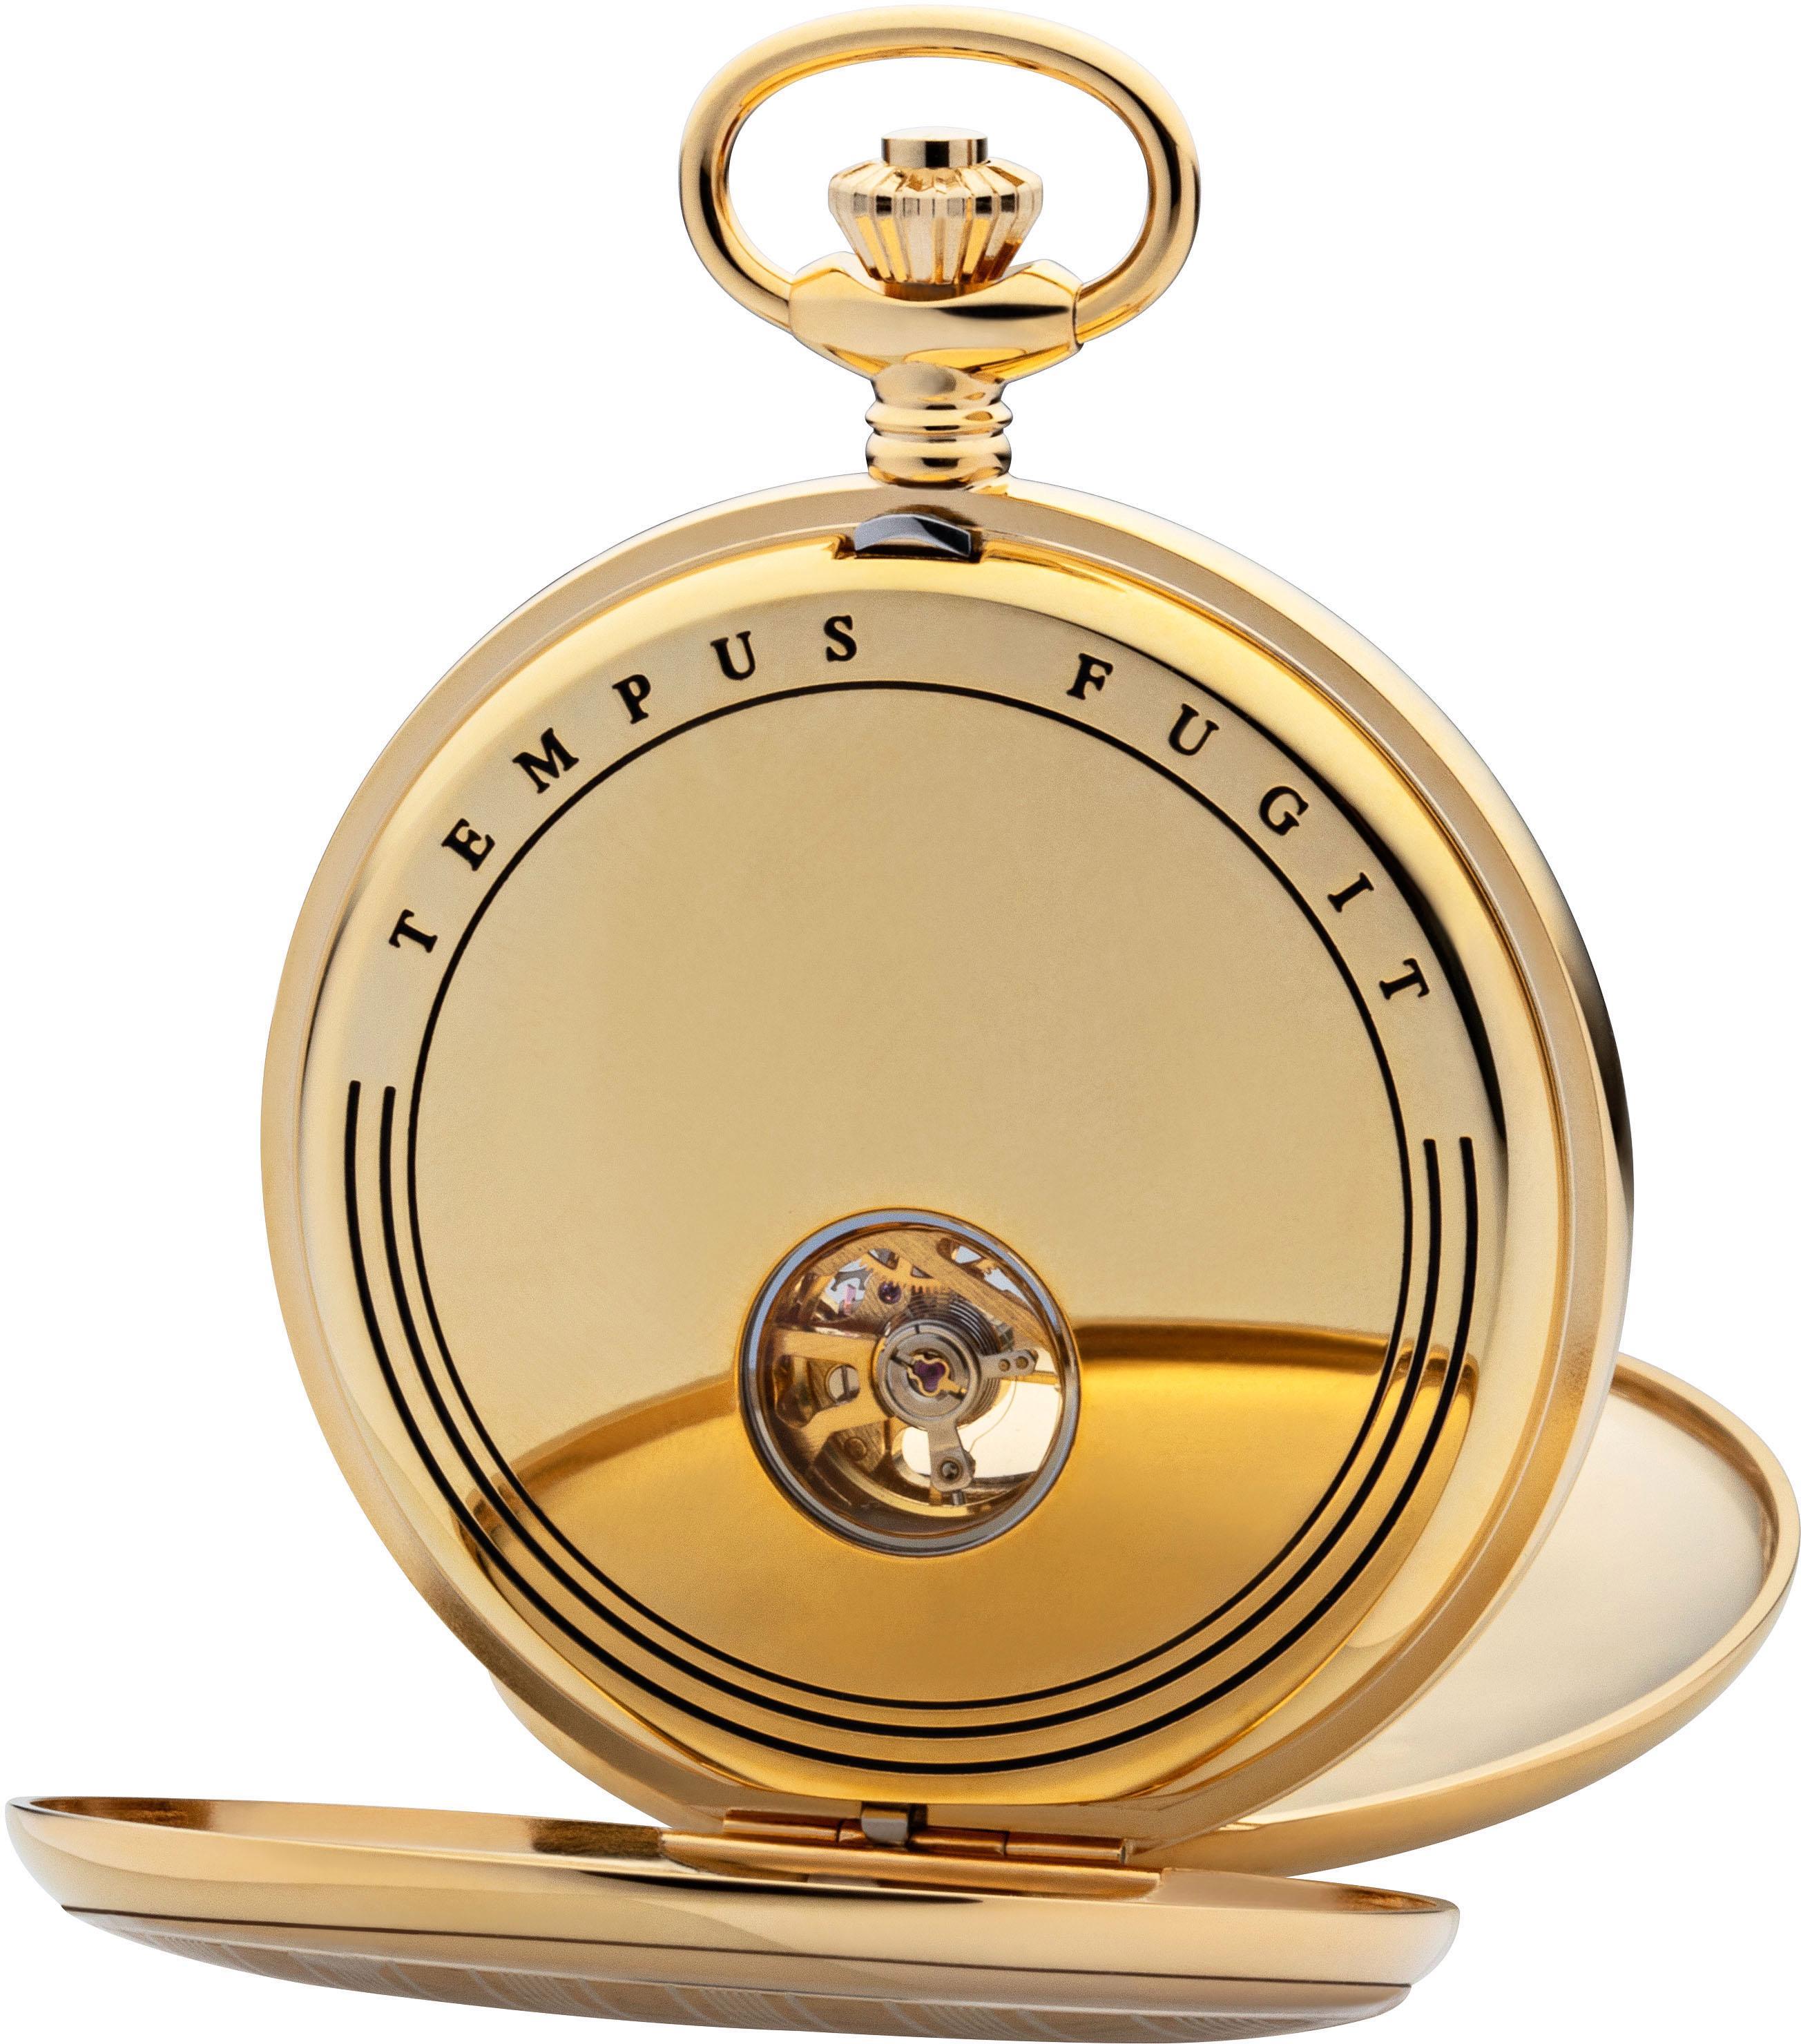 Regent Taschenuhr 11330083, (Set, 2 tlg., inkl. Kette) günstig online kaufen